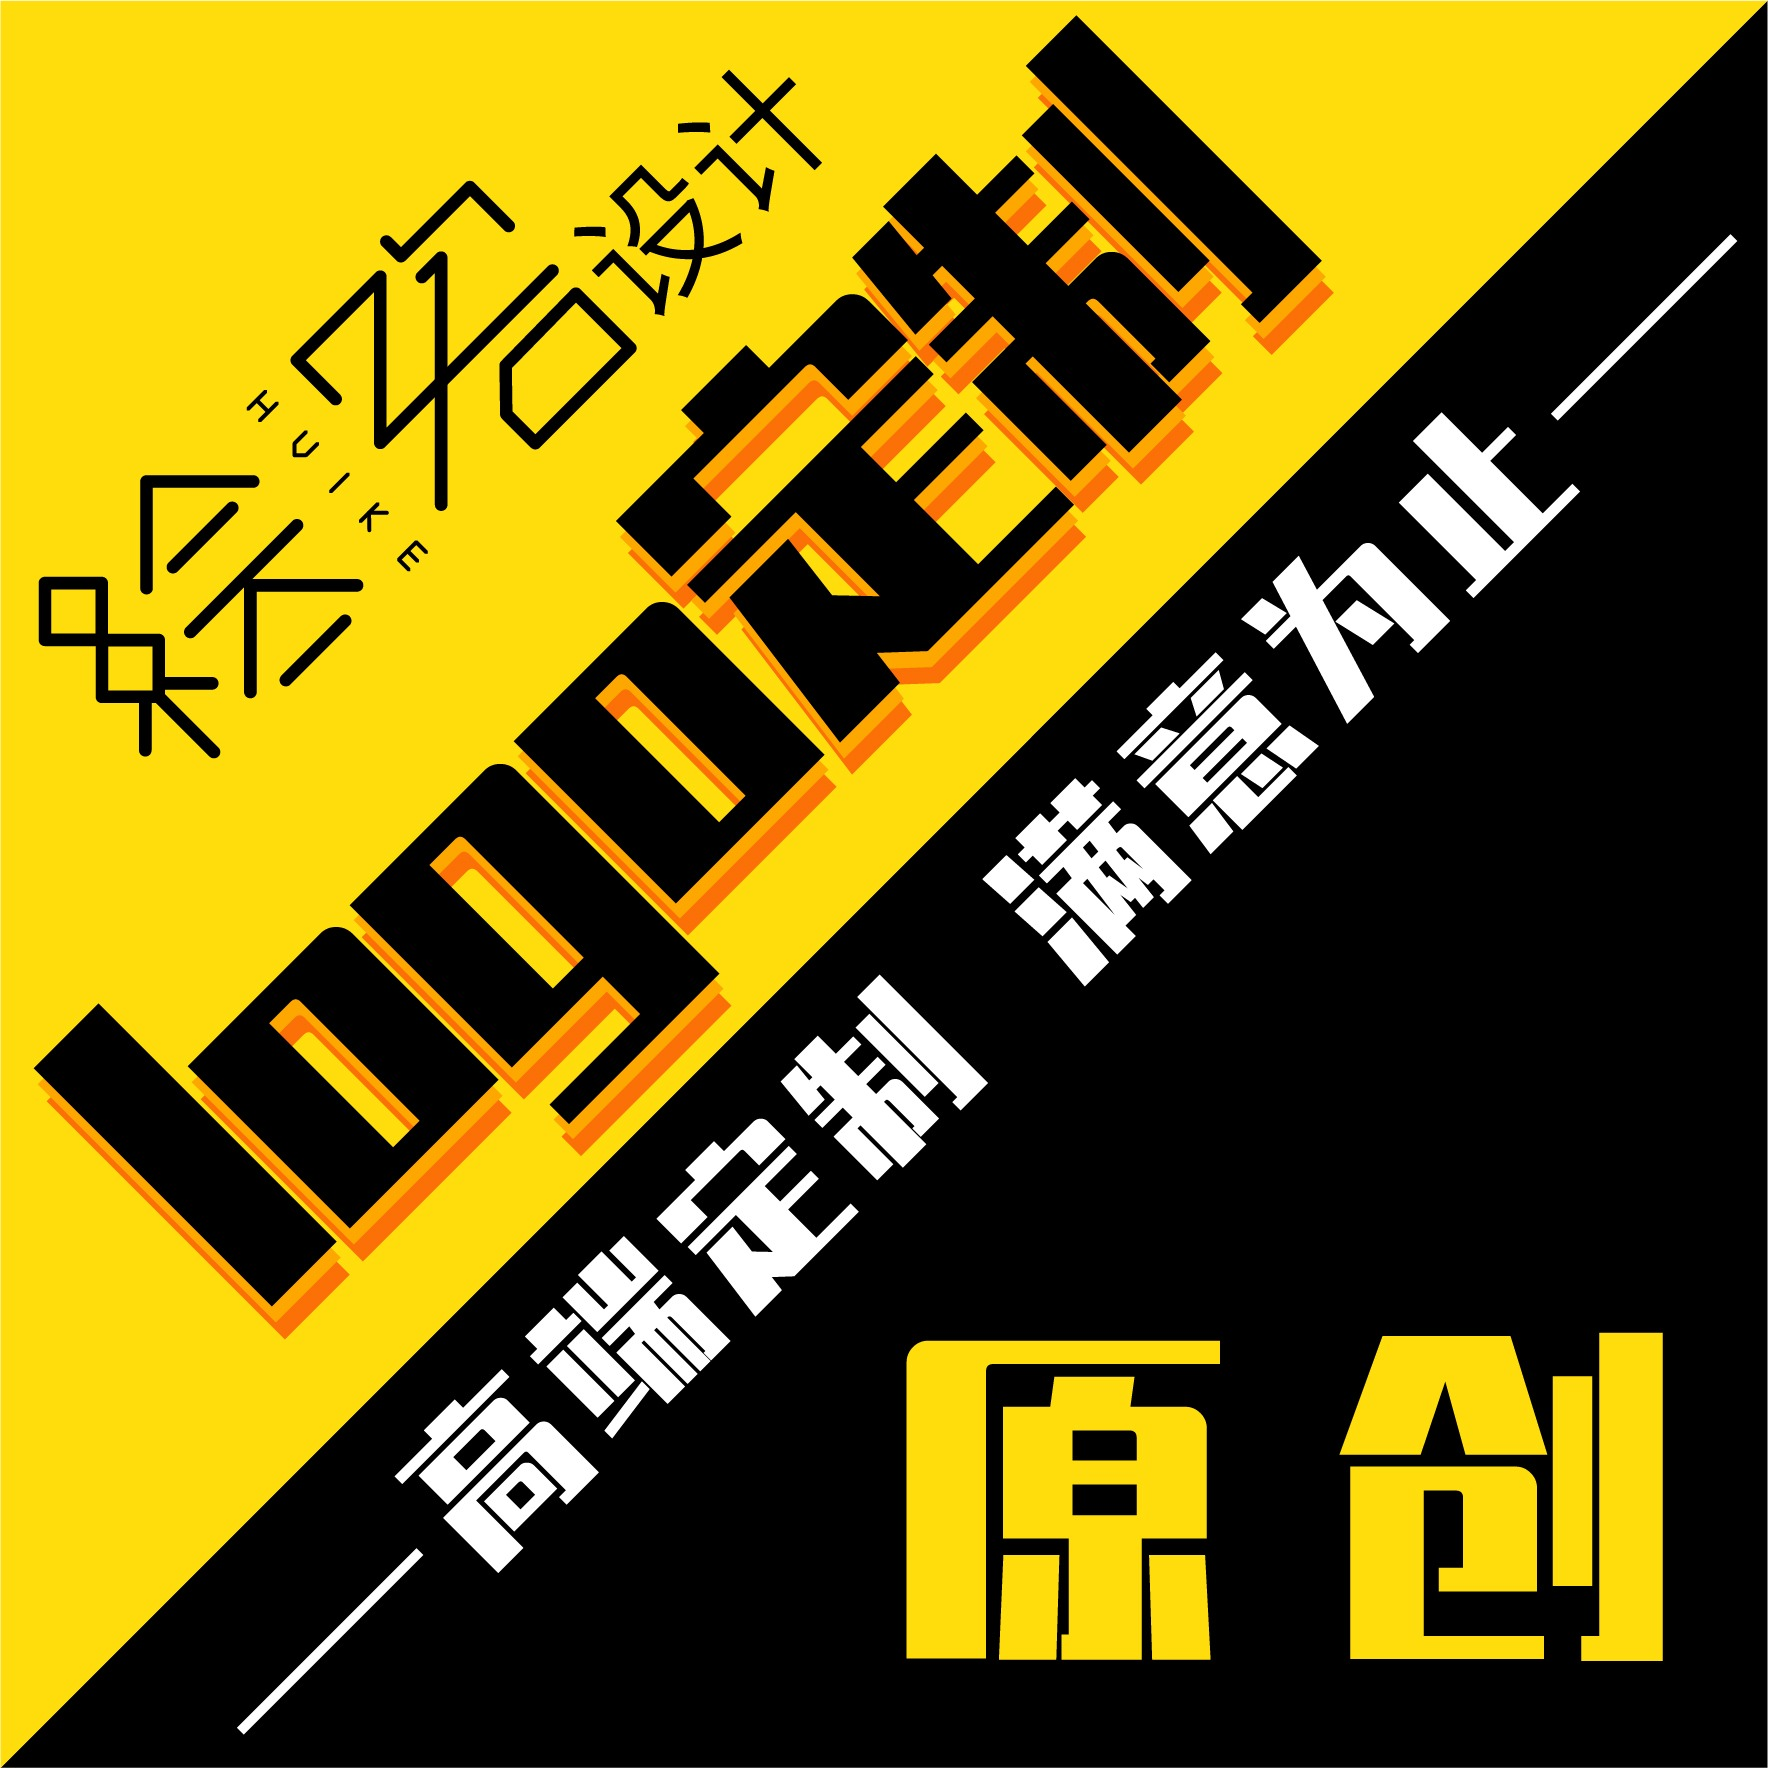 logo 设计公司标志火锅店快餐烧烤连锁饭店酒店快餐饮料啤酒吧